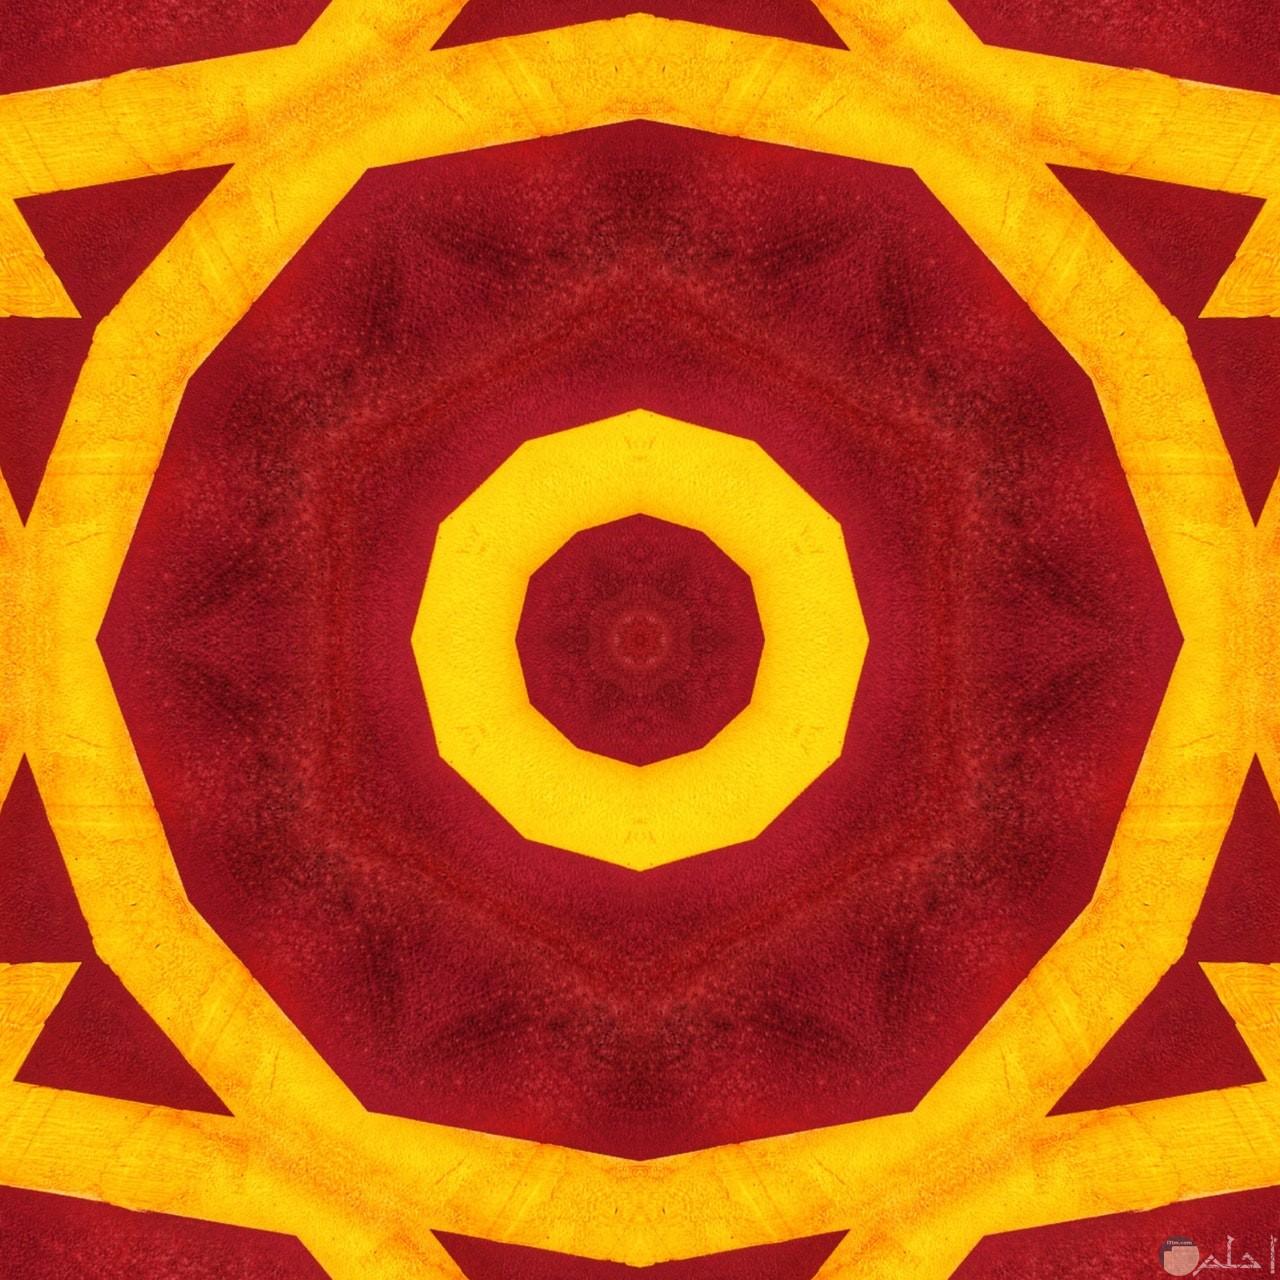 صورة رسمة غريبة وحلوة لدوائر باللون الأحمر والأصفر معا